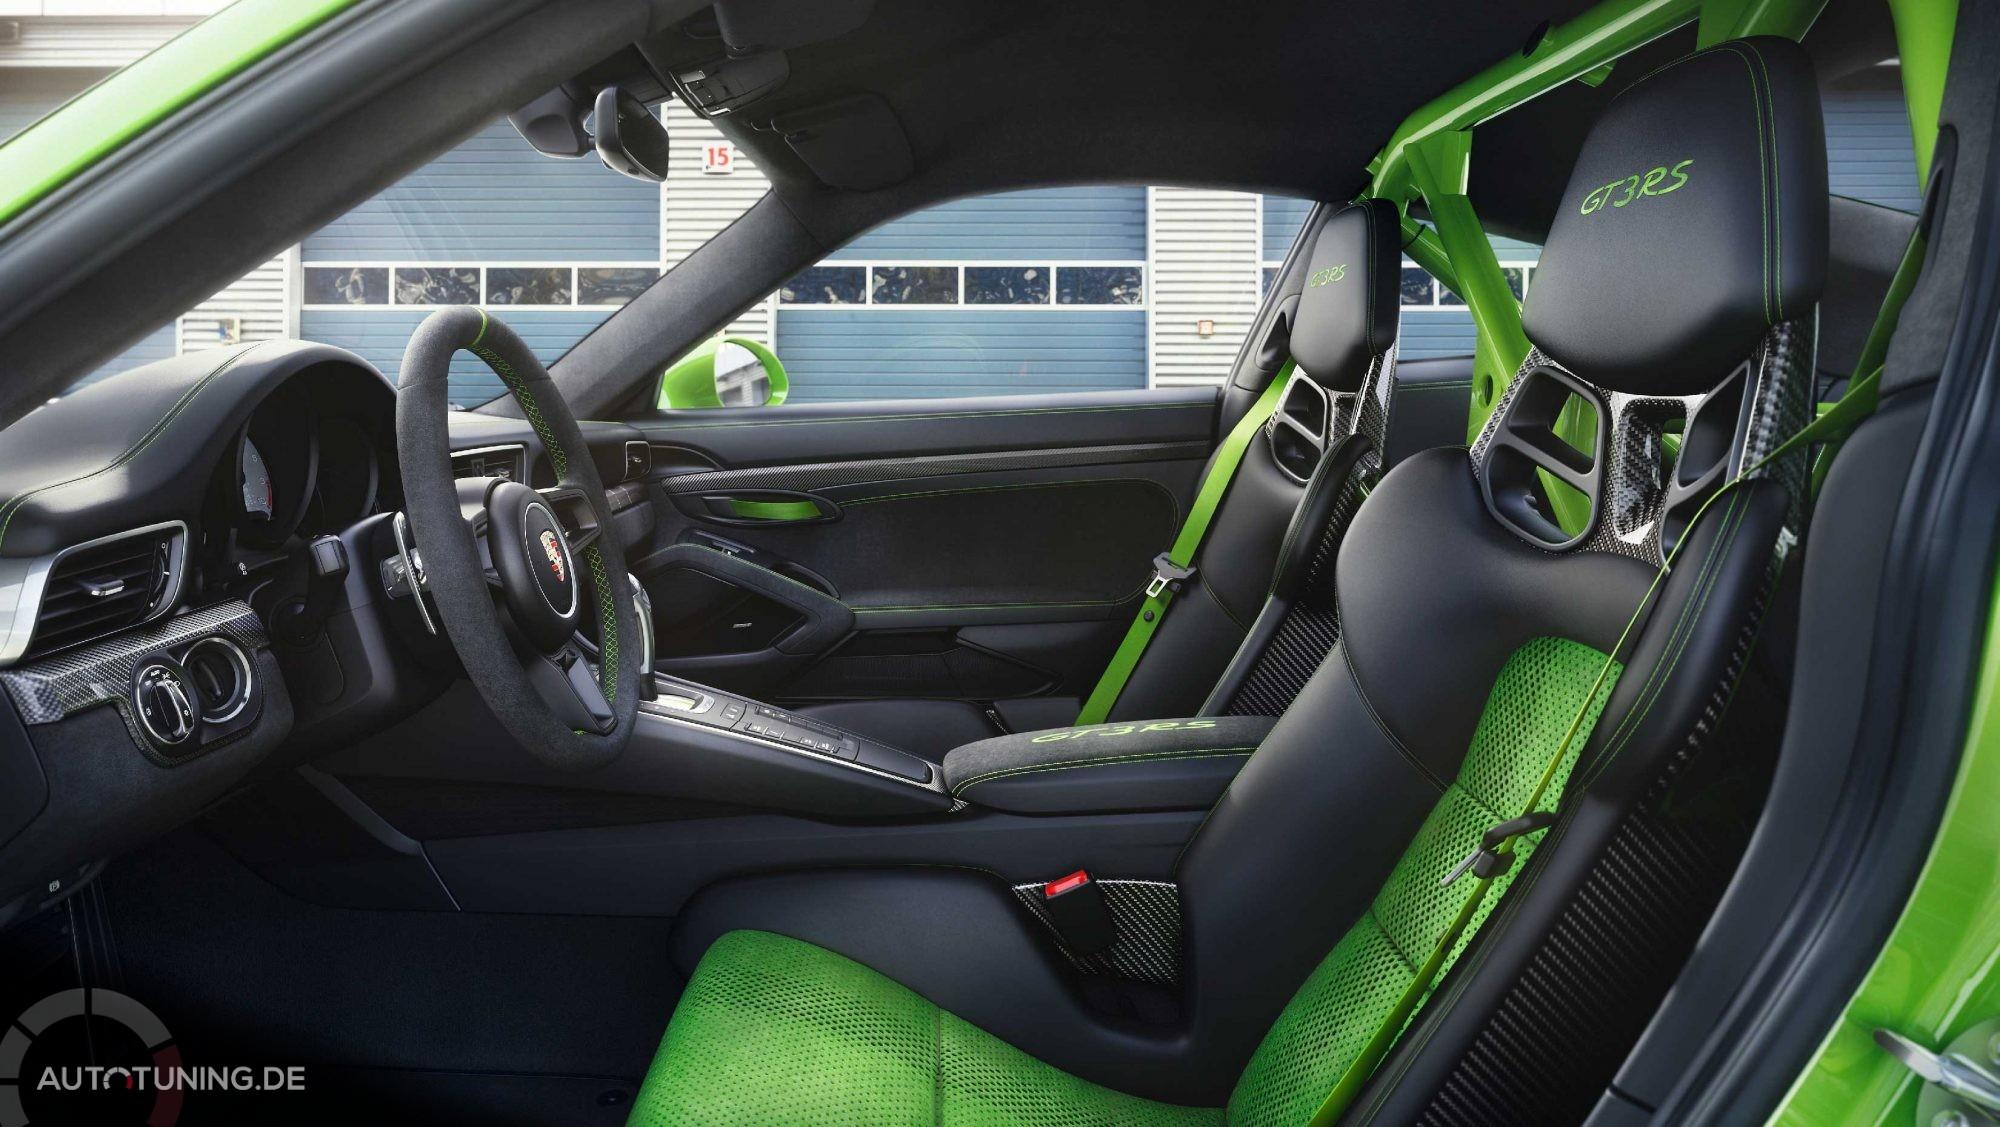 Innenansicht auf die grün-schwarzen Sportsitze des GT3 RS 2018